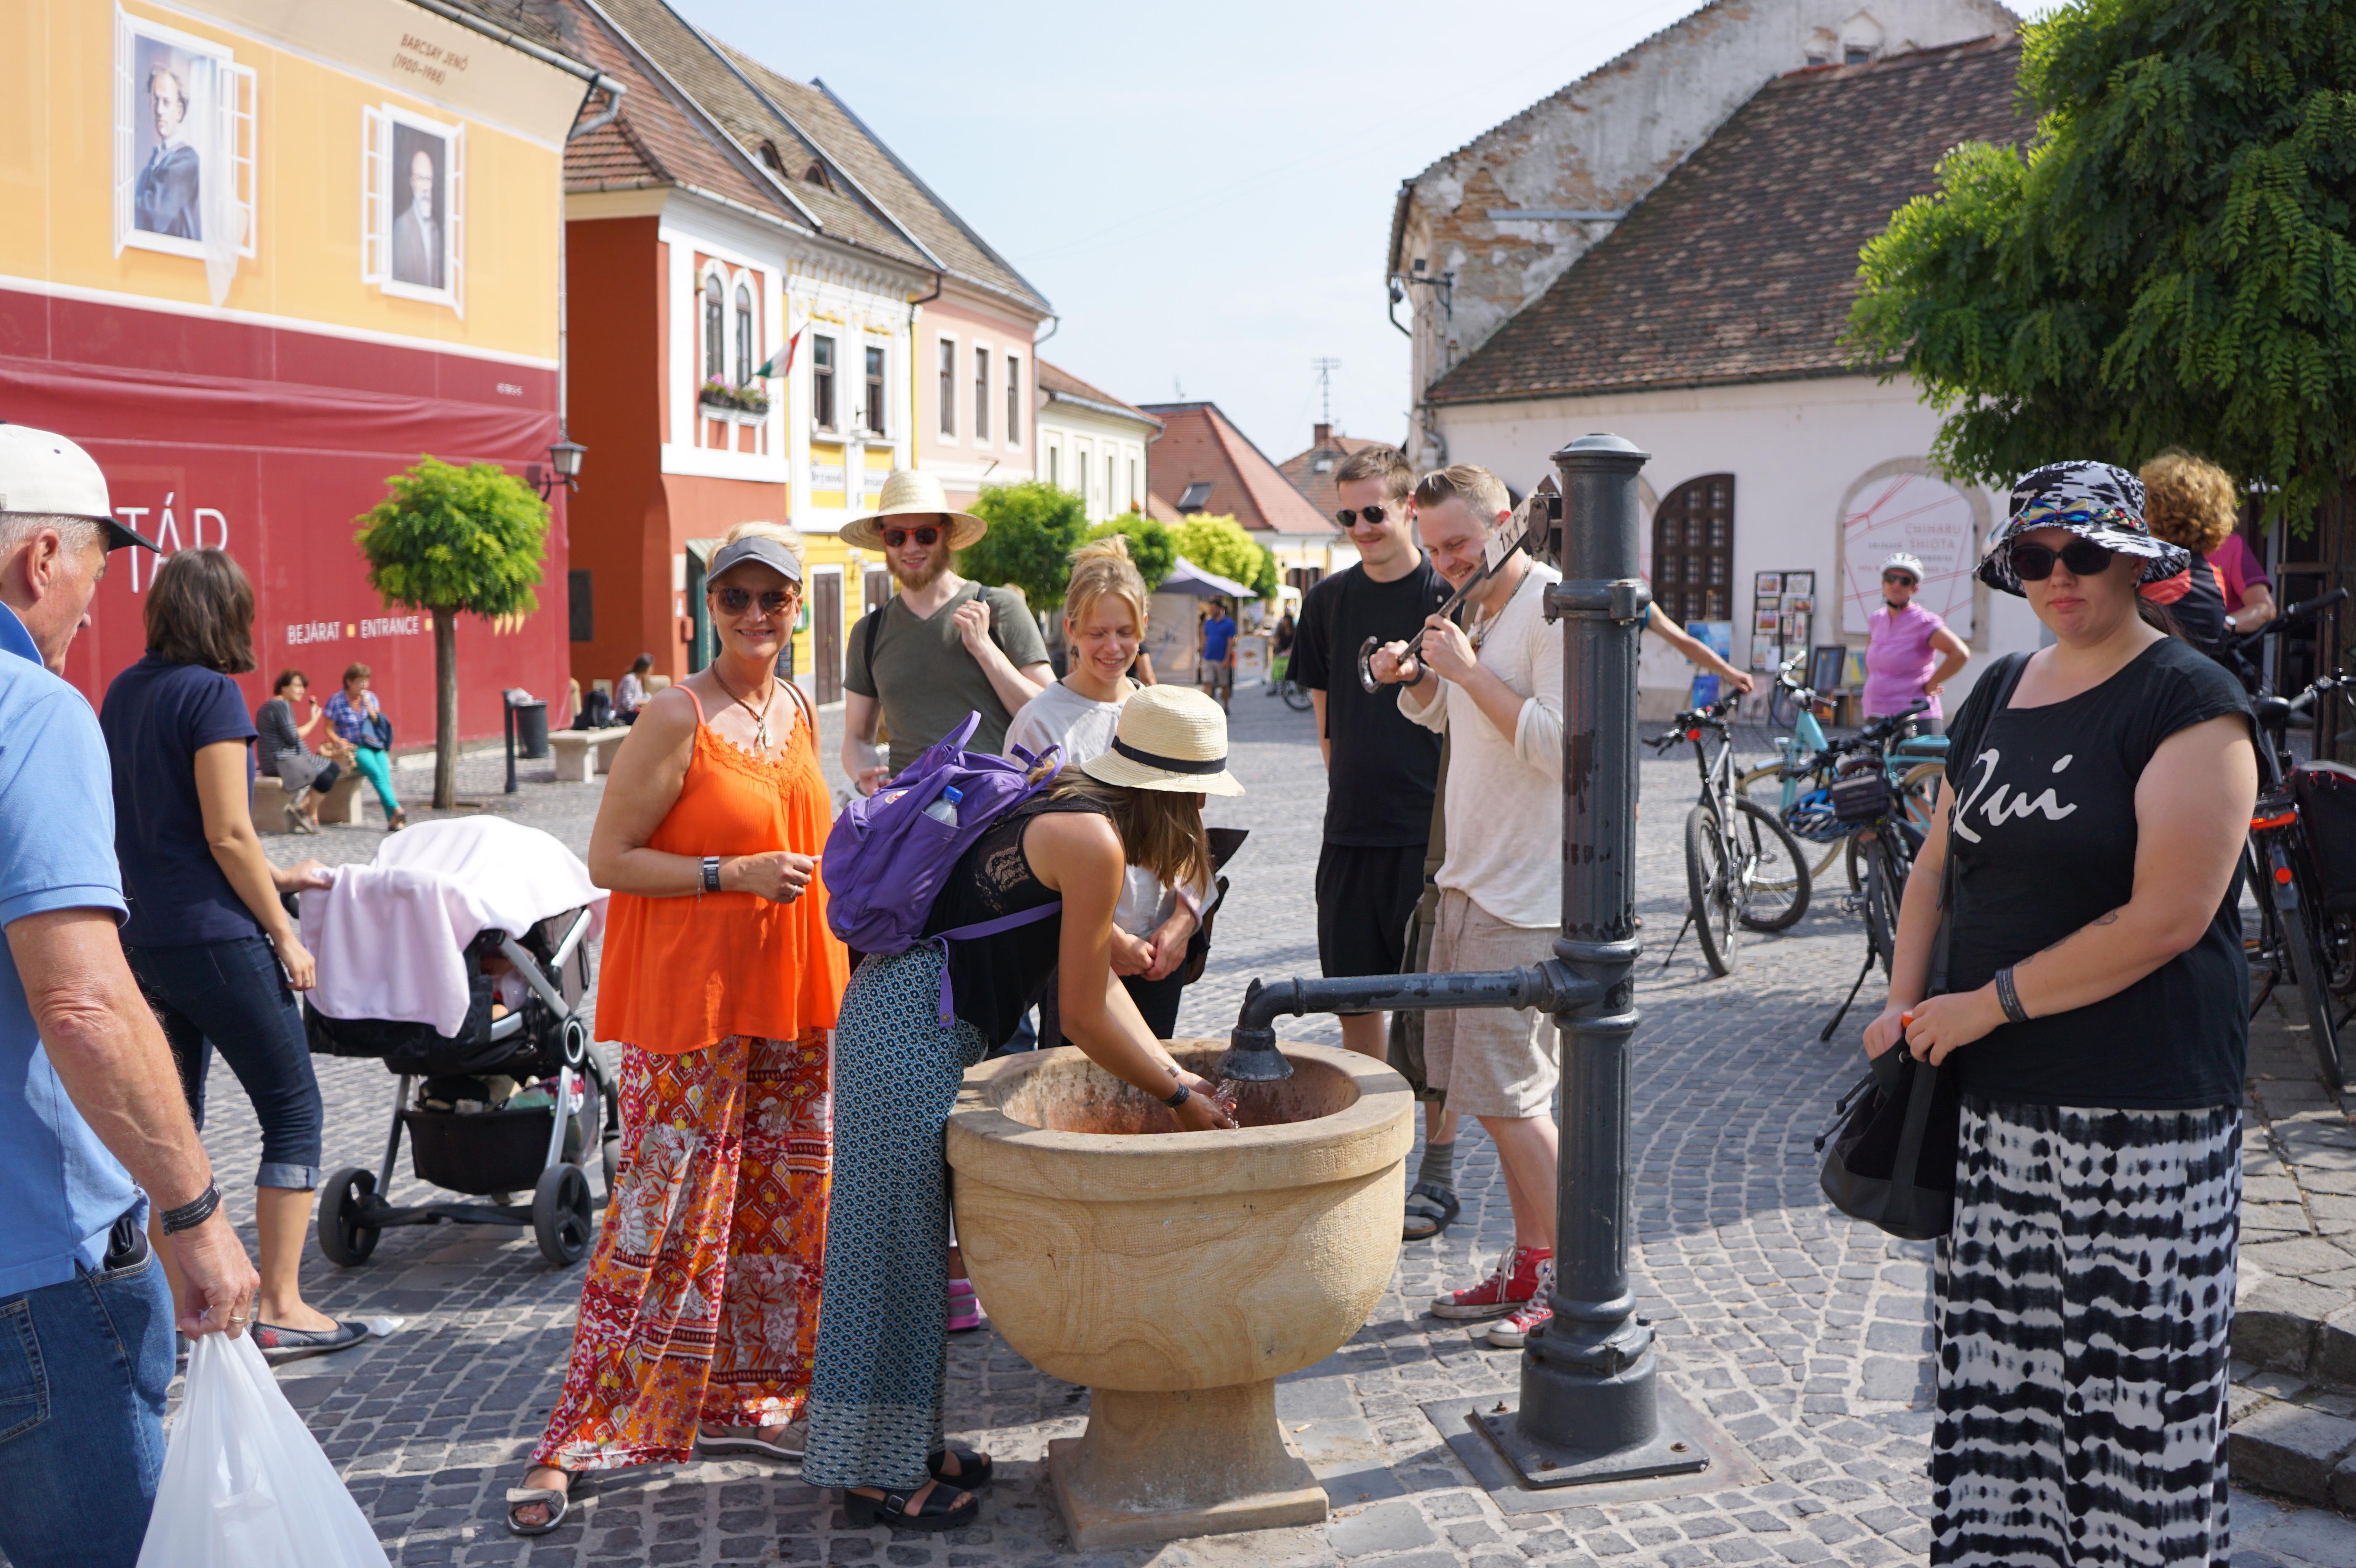 Szentendre er en bitte liten by, men har hele 7 forskjellige kirker i sentrum, deriblandt en flott barokk-kirke. Med pittoreske smug, gater og bebyggelse er byen en opplevelse og et besøk verdt. Etter en behagelige sightseeng på Donau, ankommer vi Szentendre, som på slutten av 1800-tallet ble til enen kunstner- og håndverkskoloni. I dag har turistene innvadert byen, men det finnes fremdeles mange spennende atelieer, gallerier og museer.